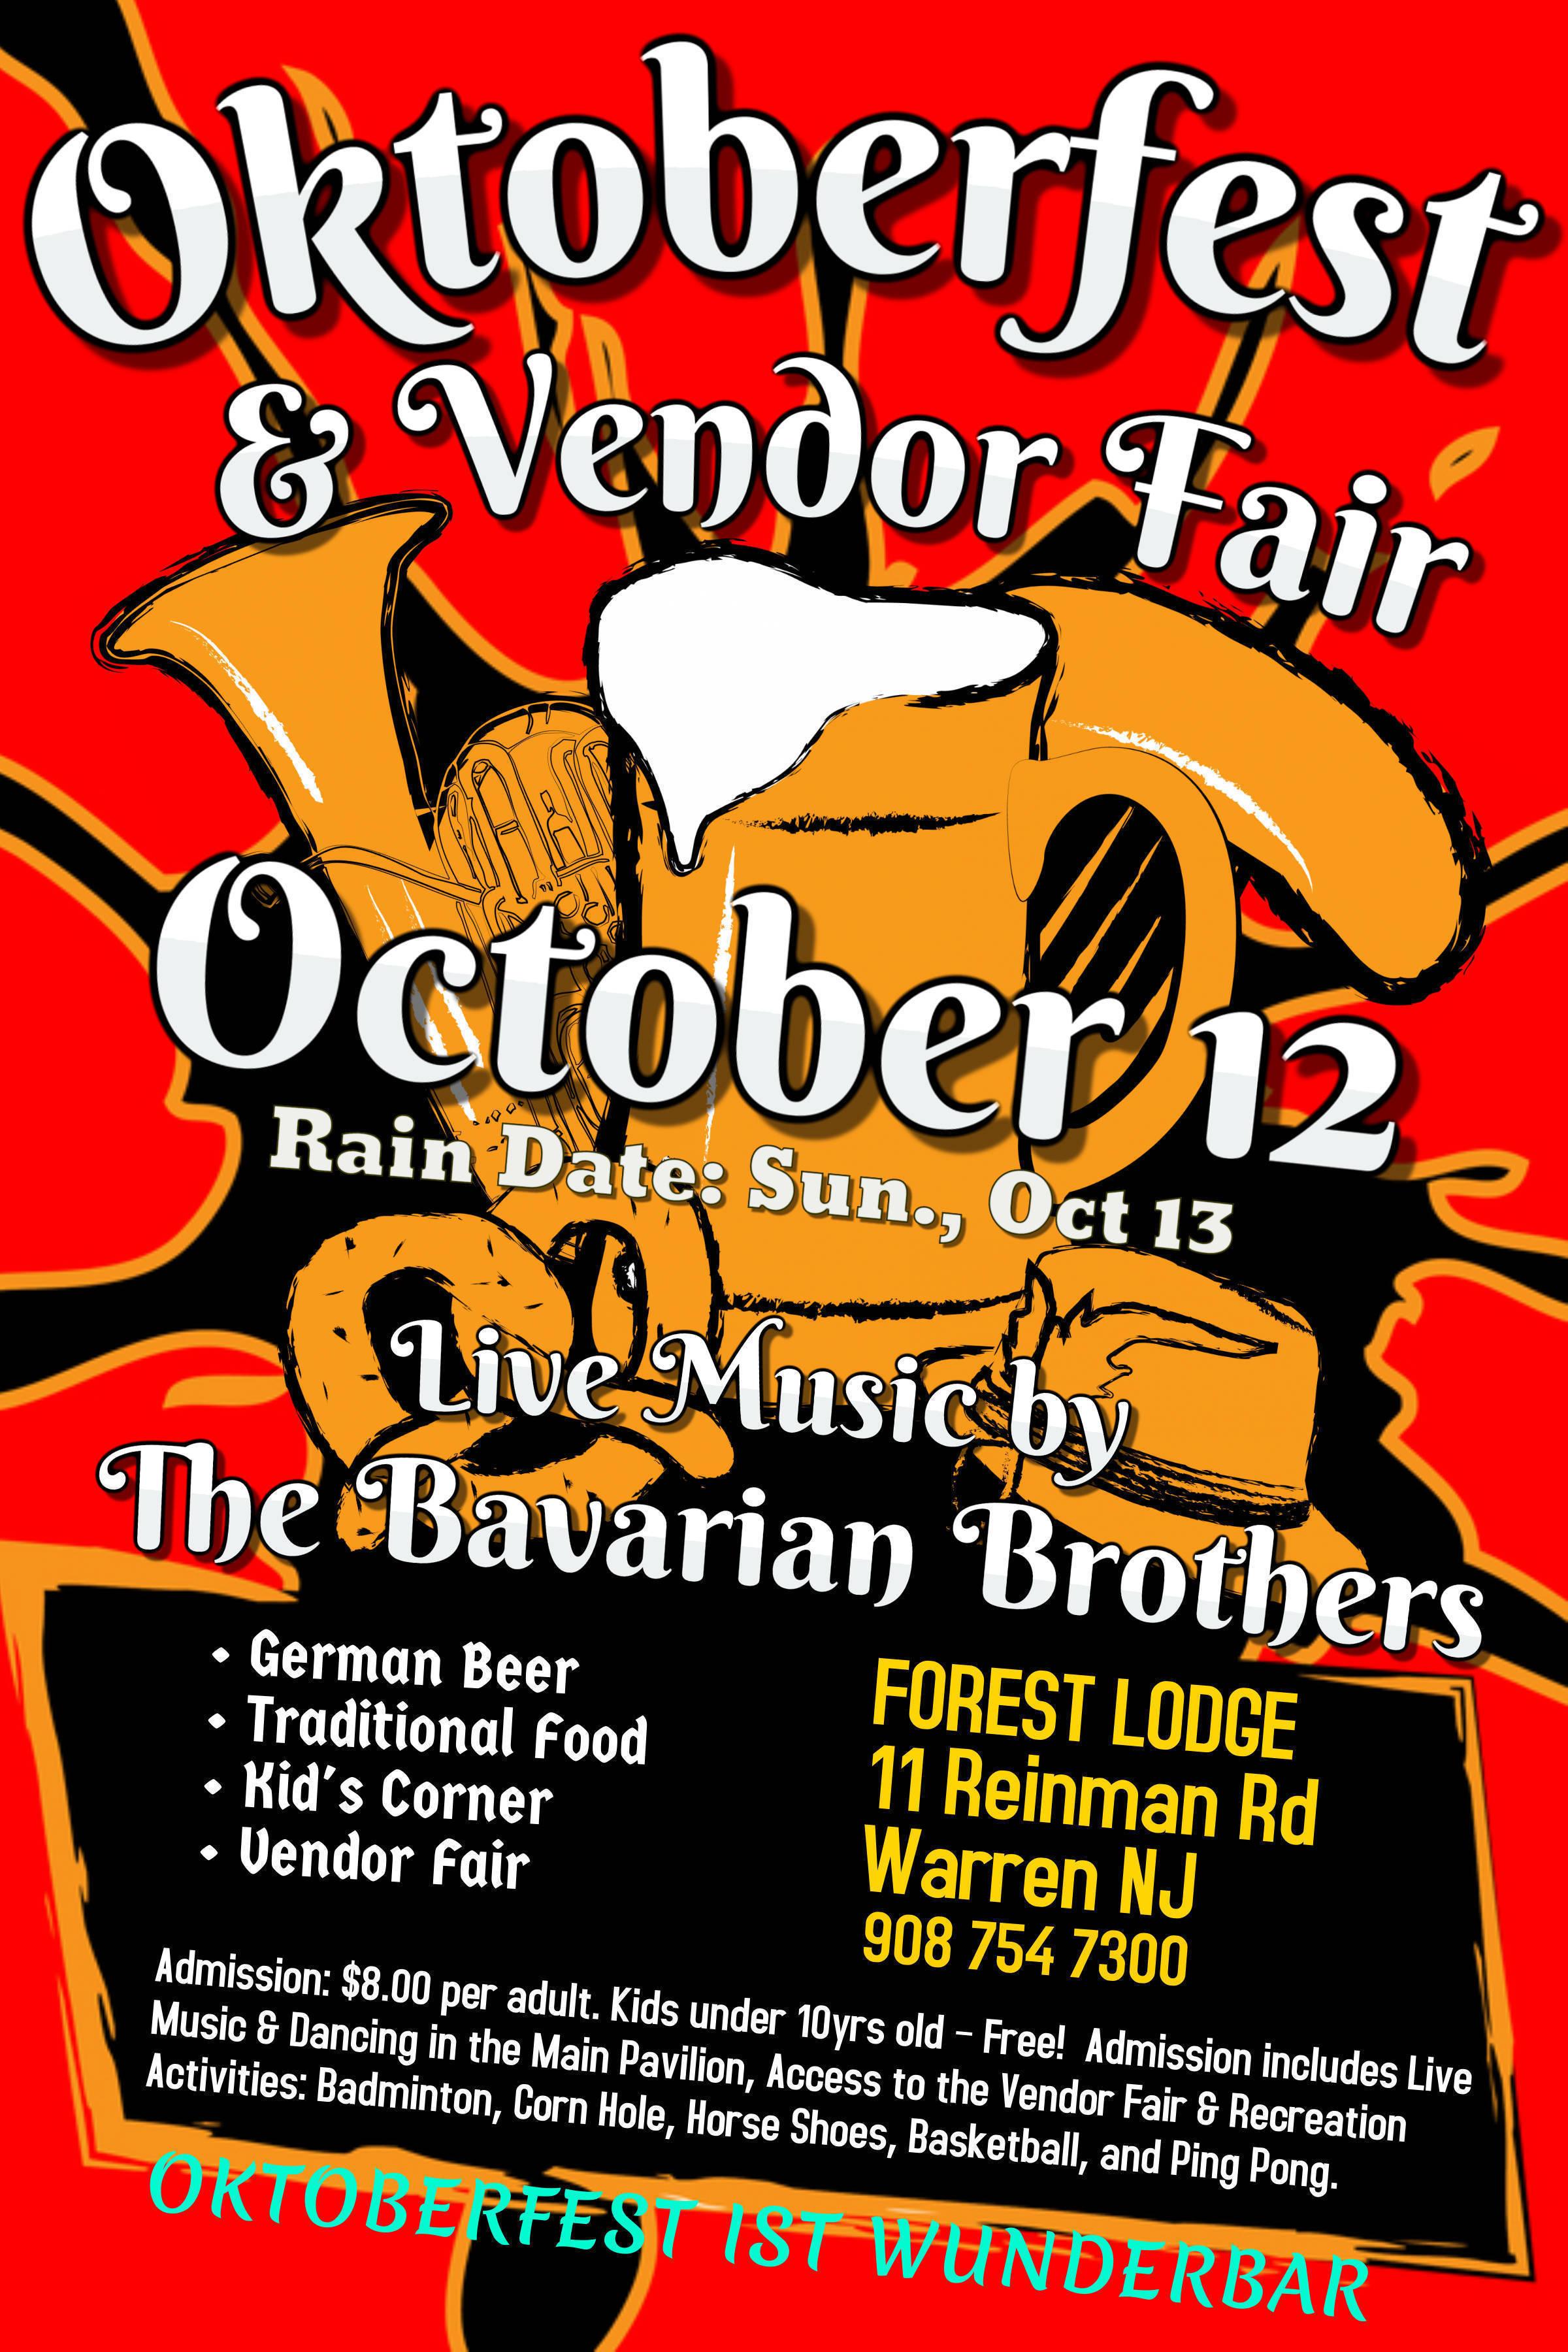 Nj S Best Oktoberfest Vendor Fair Tapinto